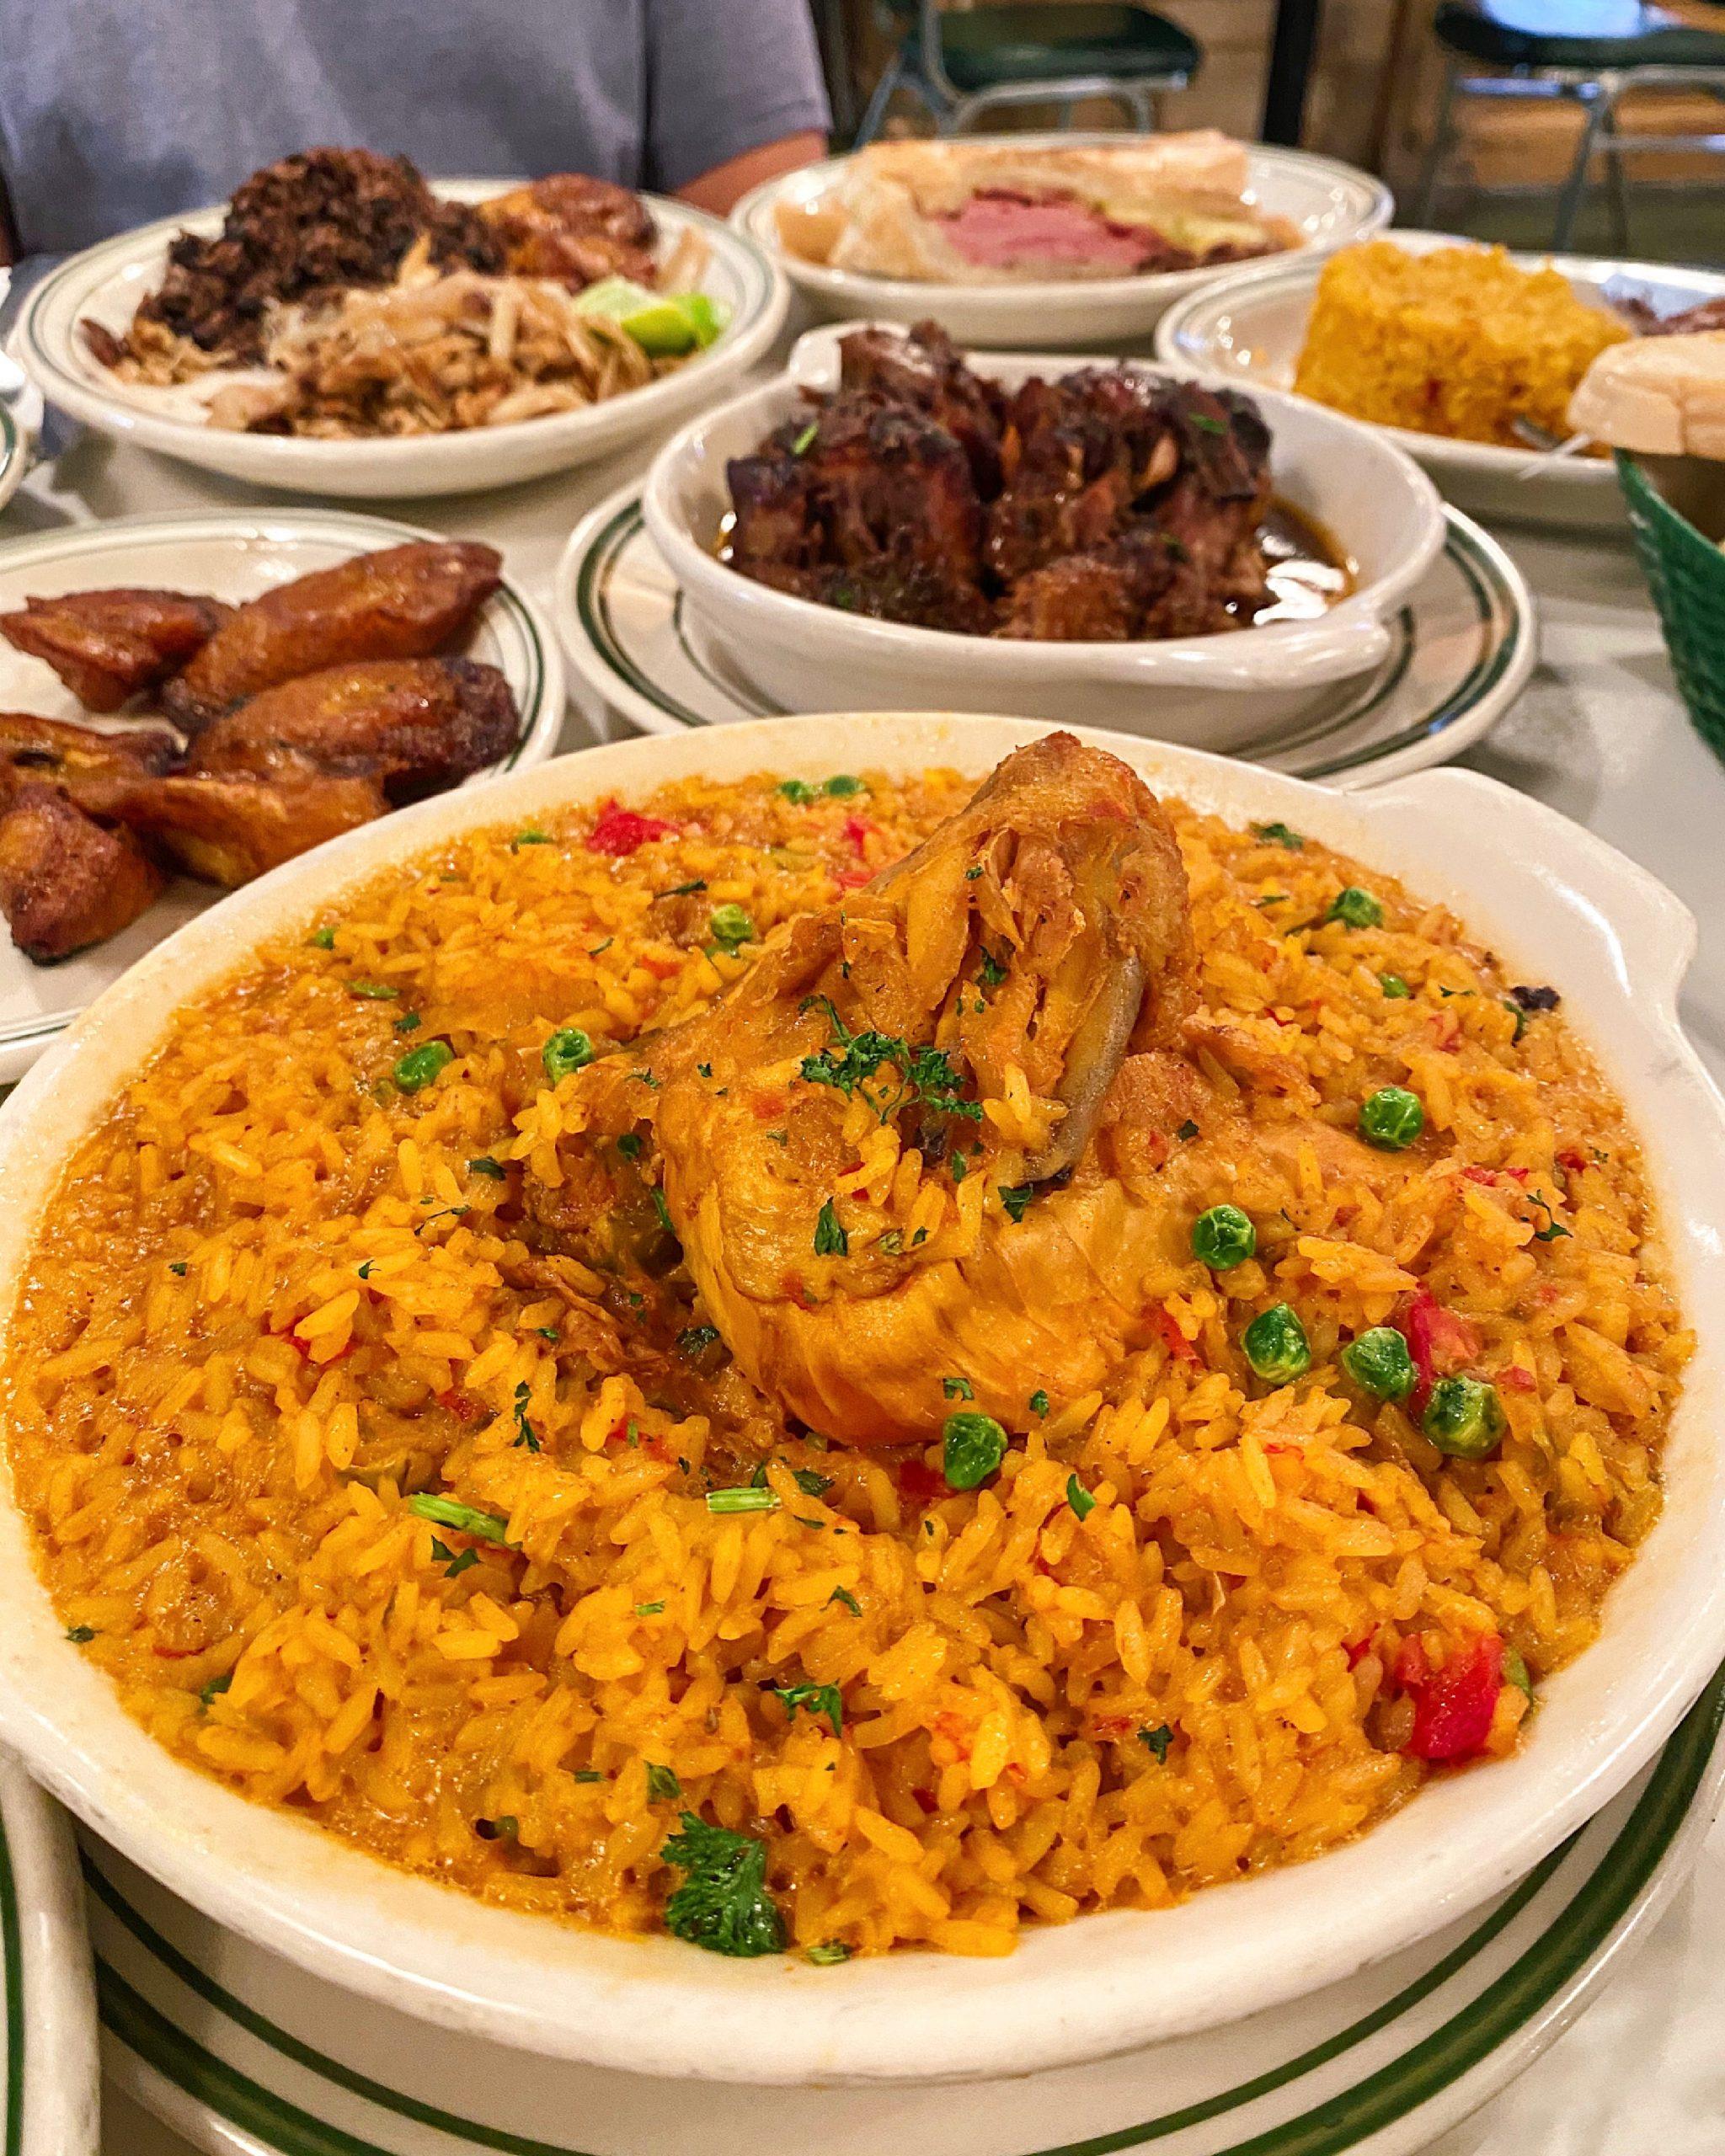 Arroz con Pollo Cuban Food at Versailles